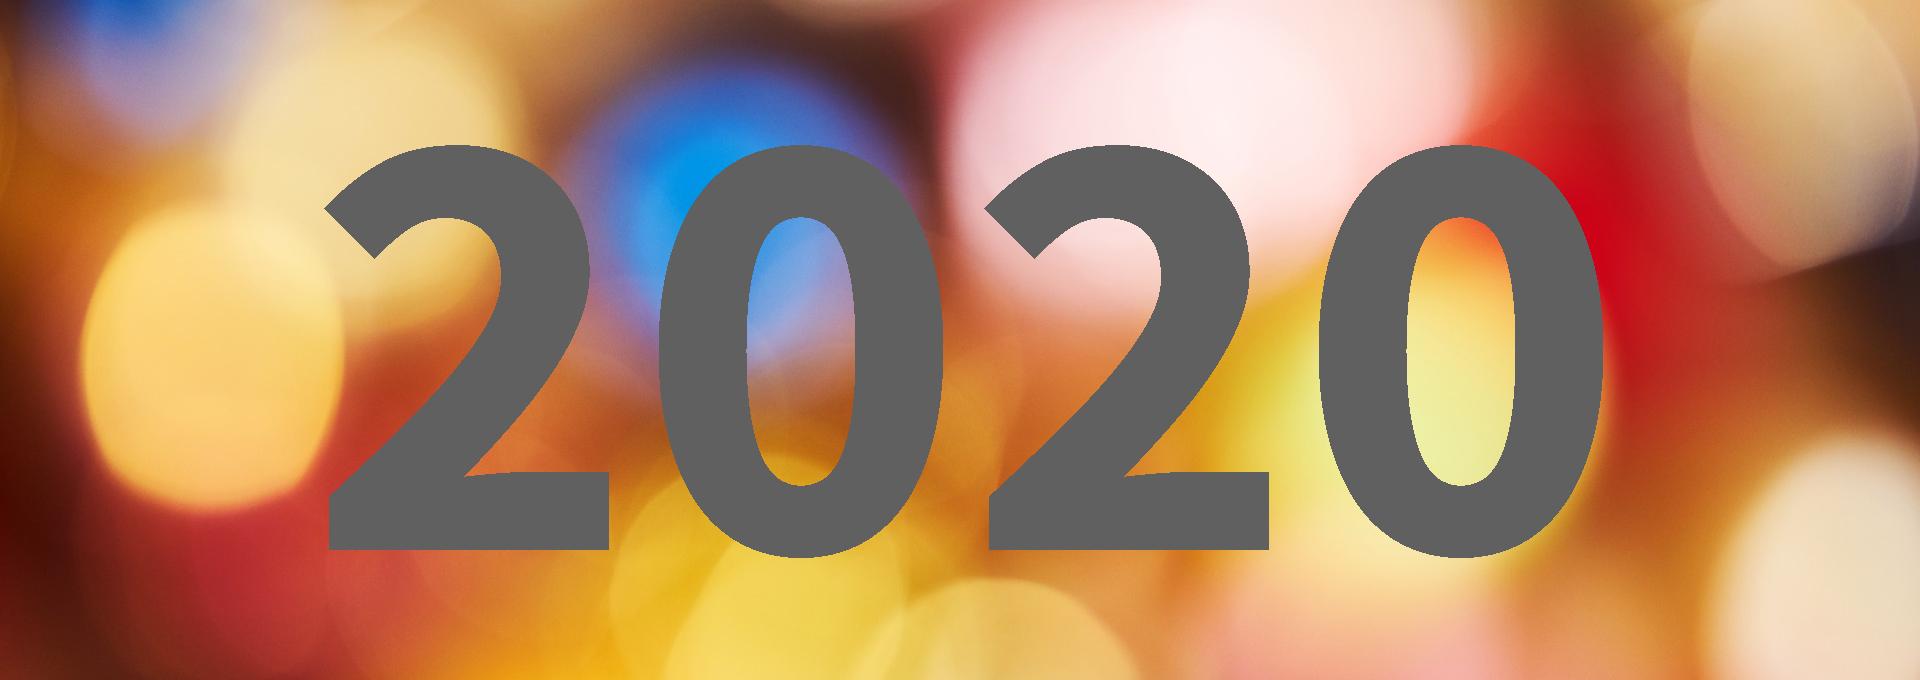 8. Kampf am Zitterbach 2020